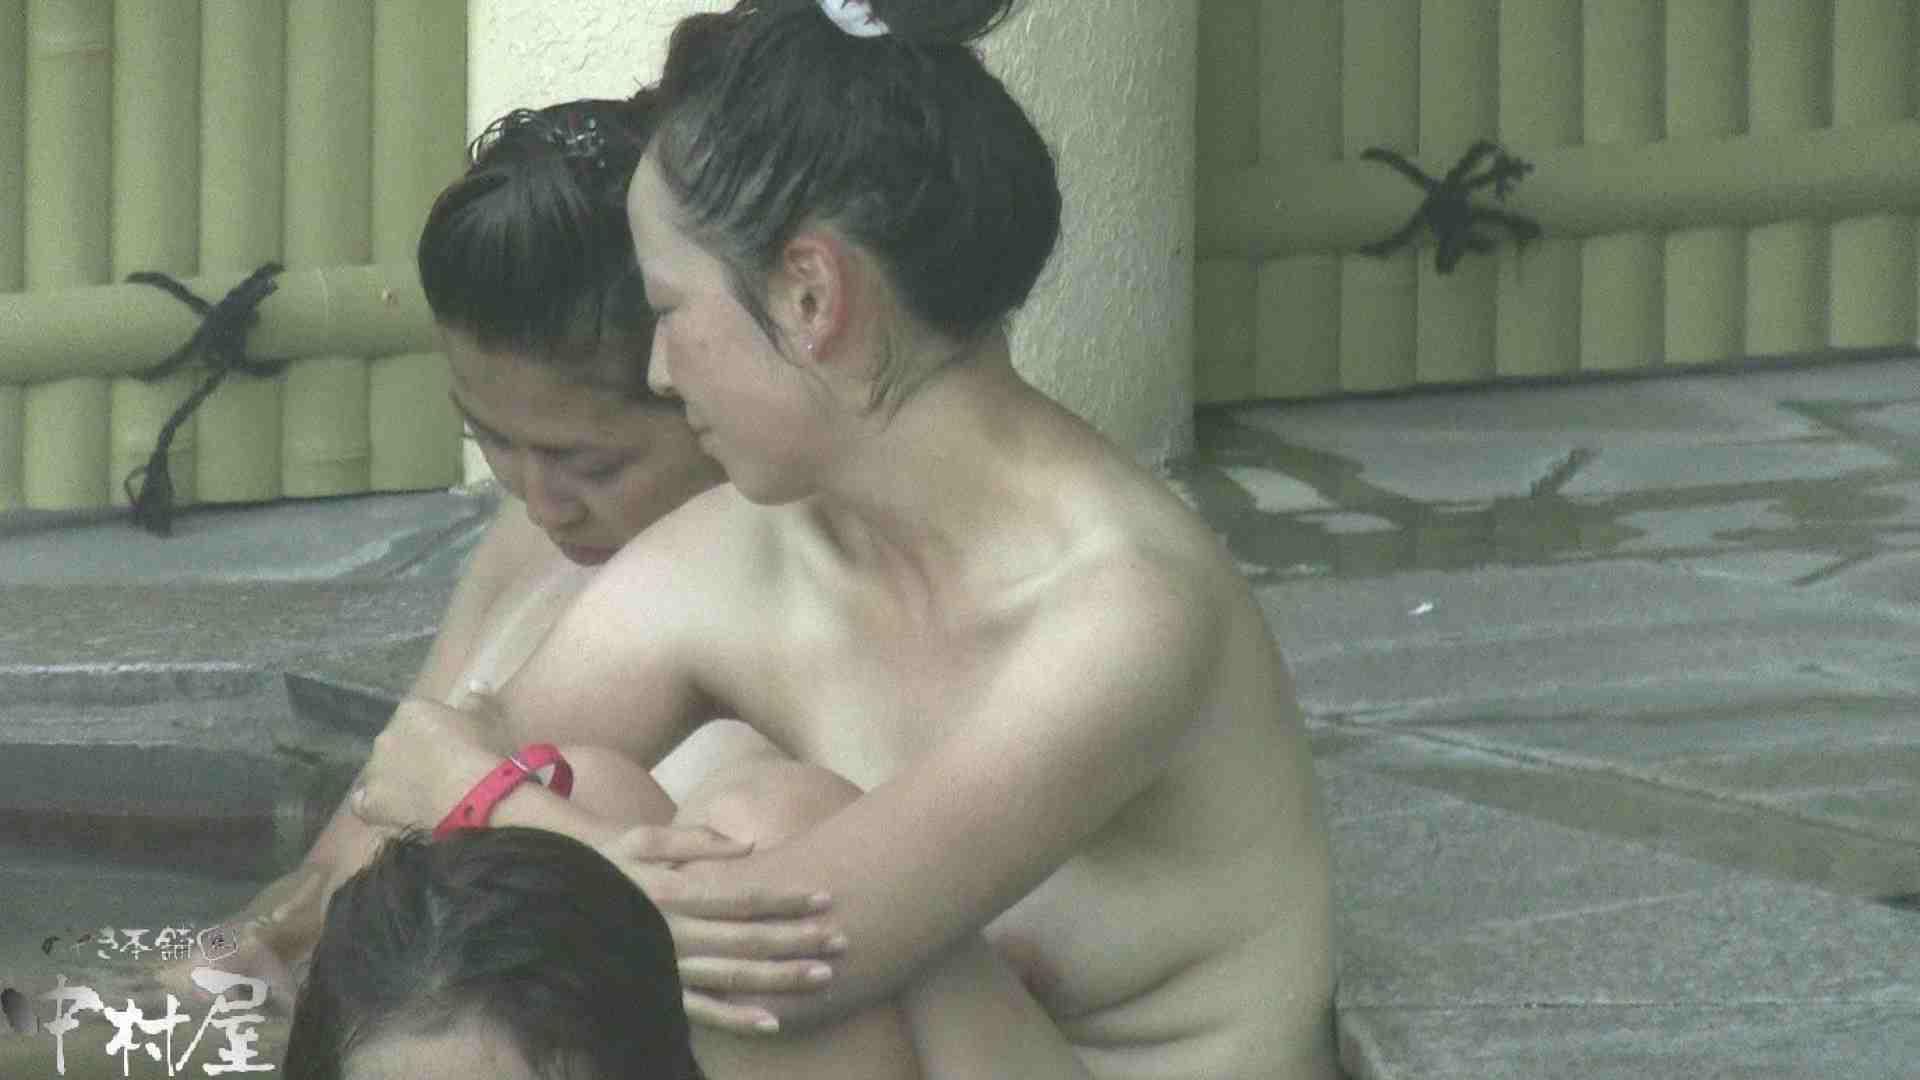 Aquaな露天風呂Vol.911 露天 盗撮動画紹介 81連発 79